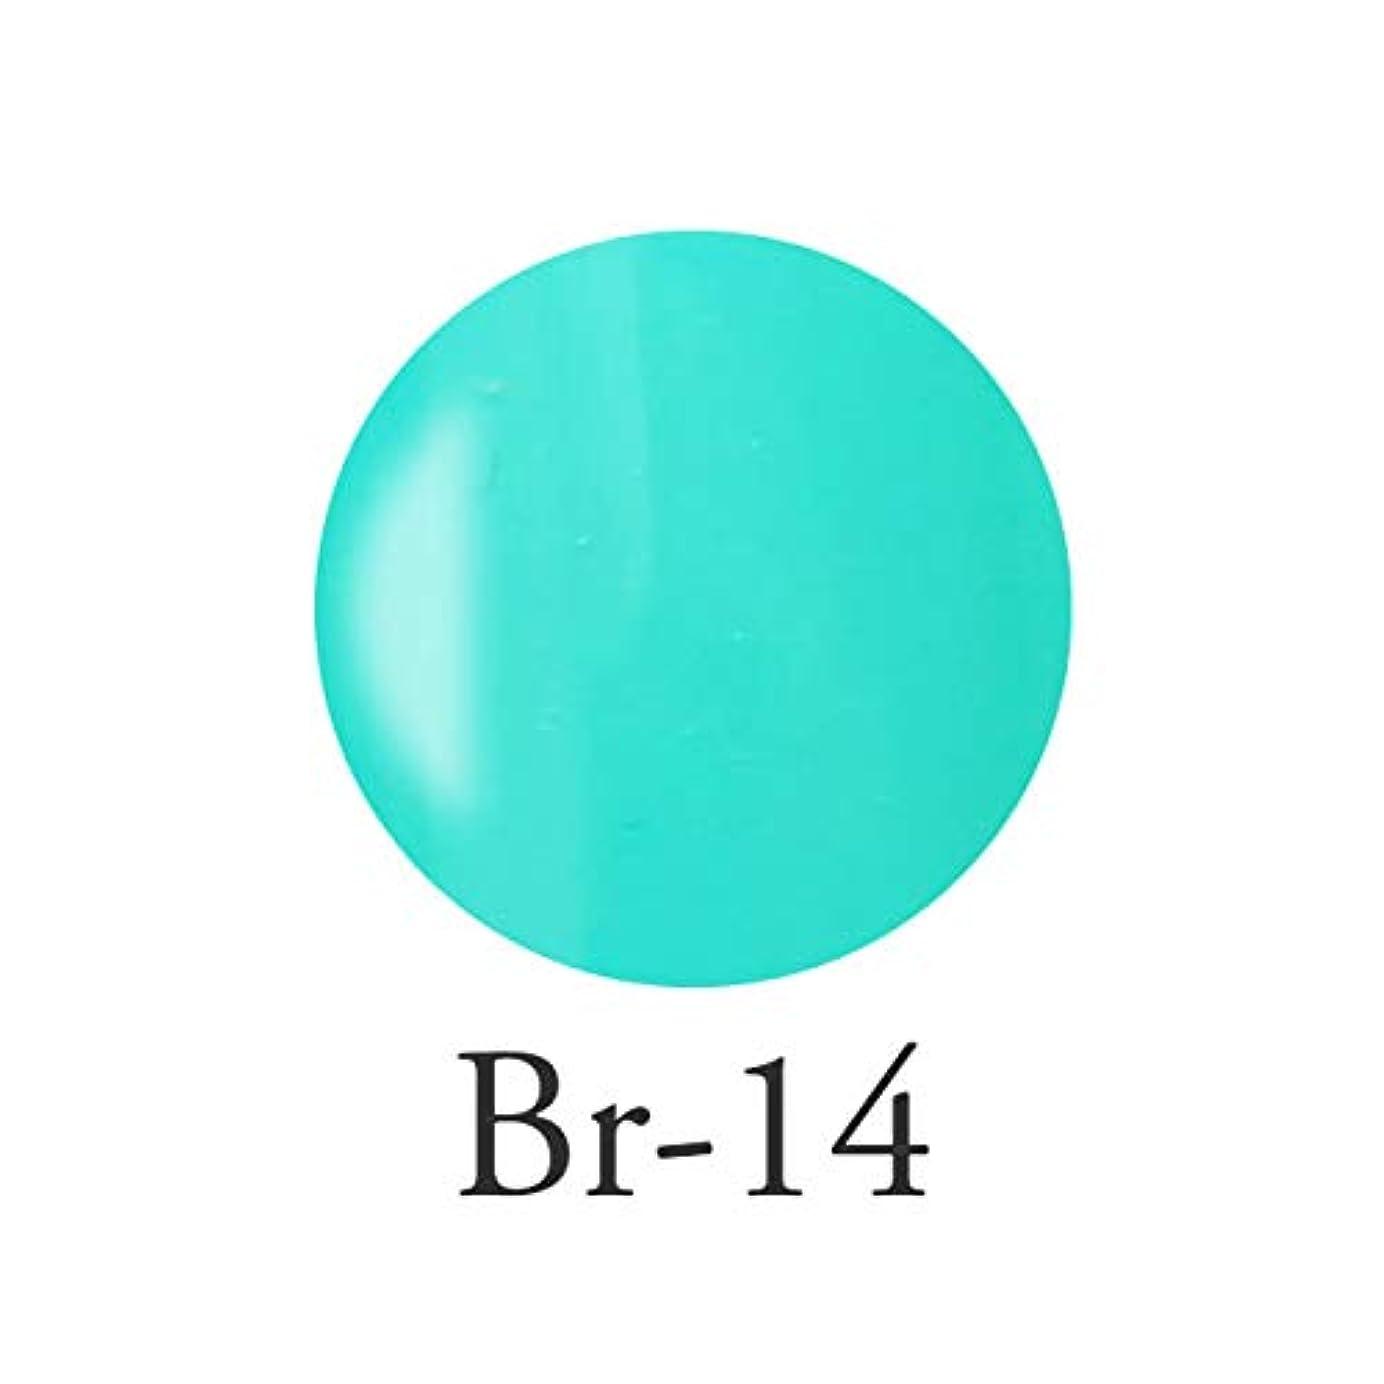 デコードする圧縮された緊張するエンジェル クィーンカラージェル フェリシテブルー Br-14 3g